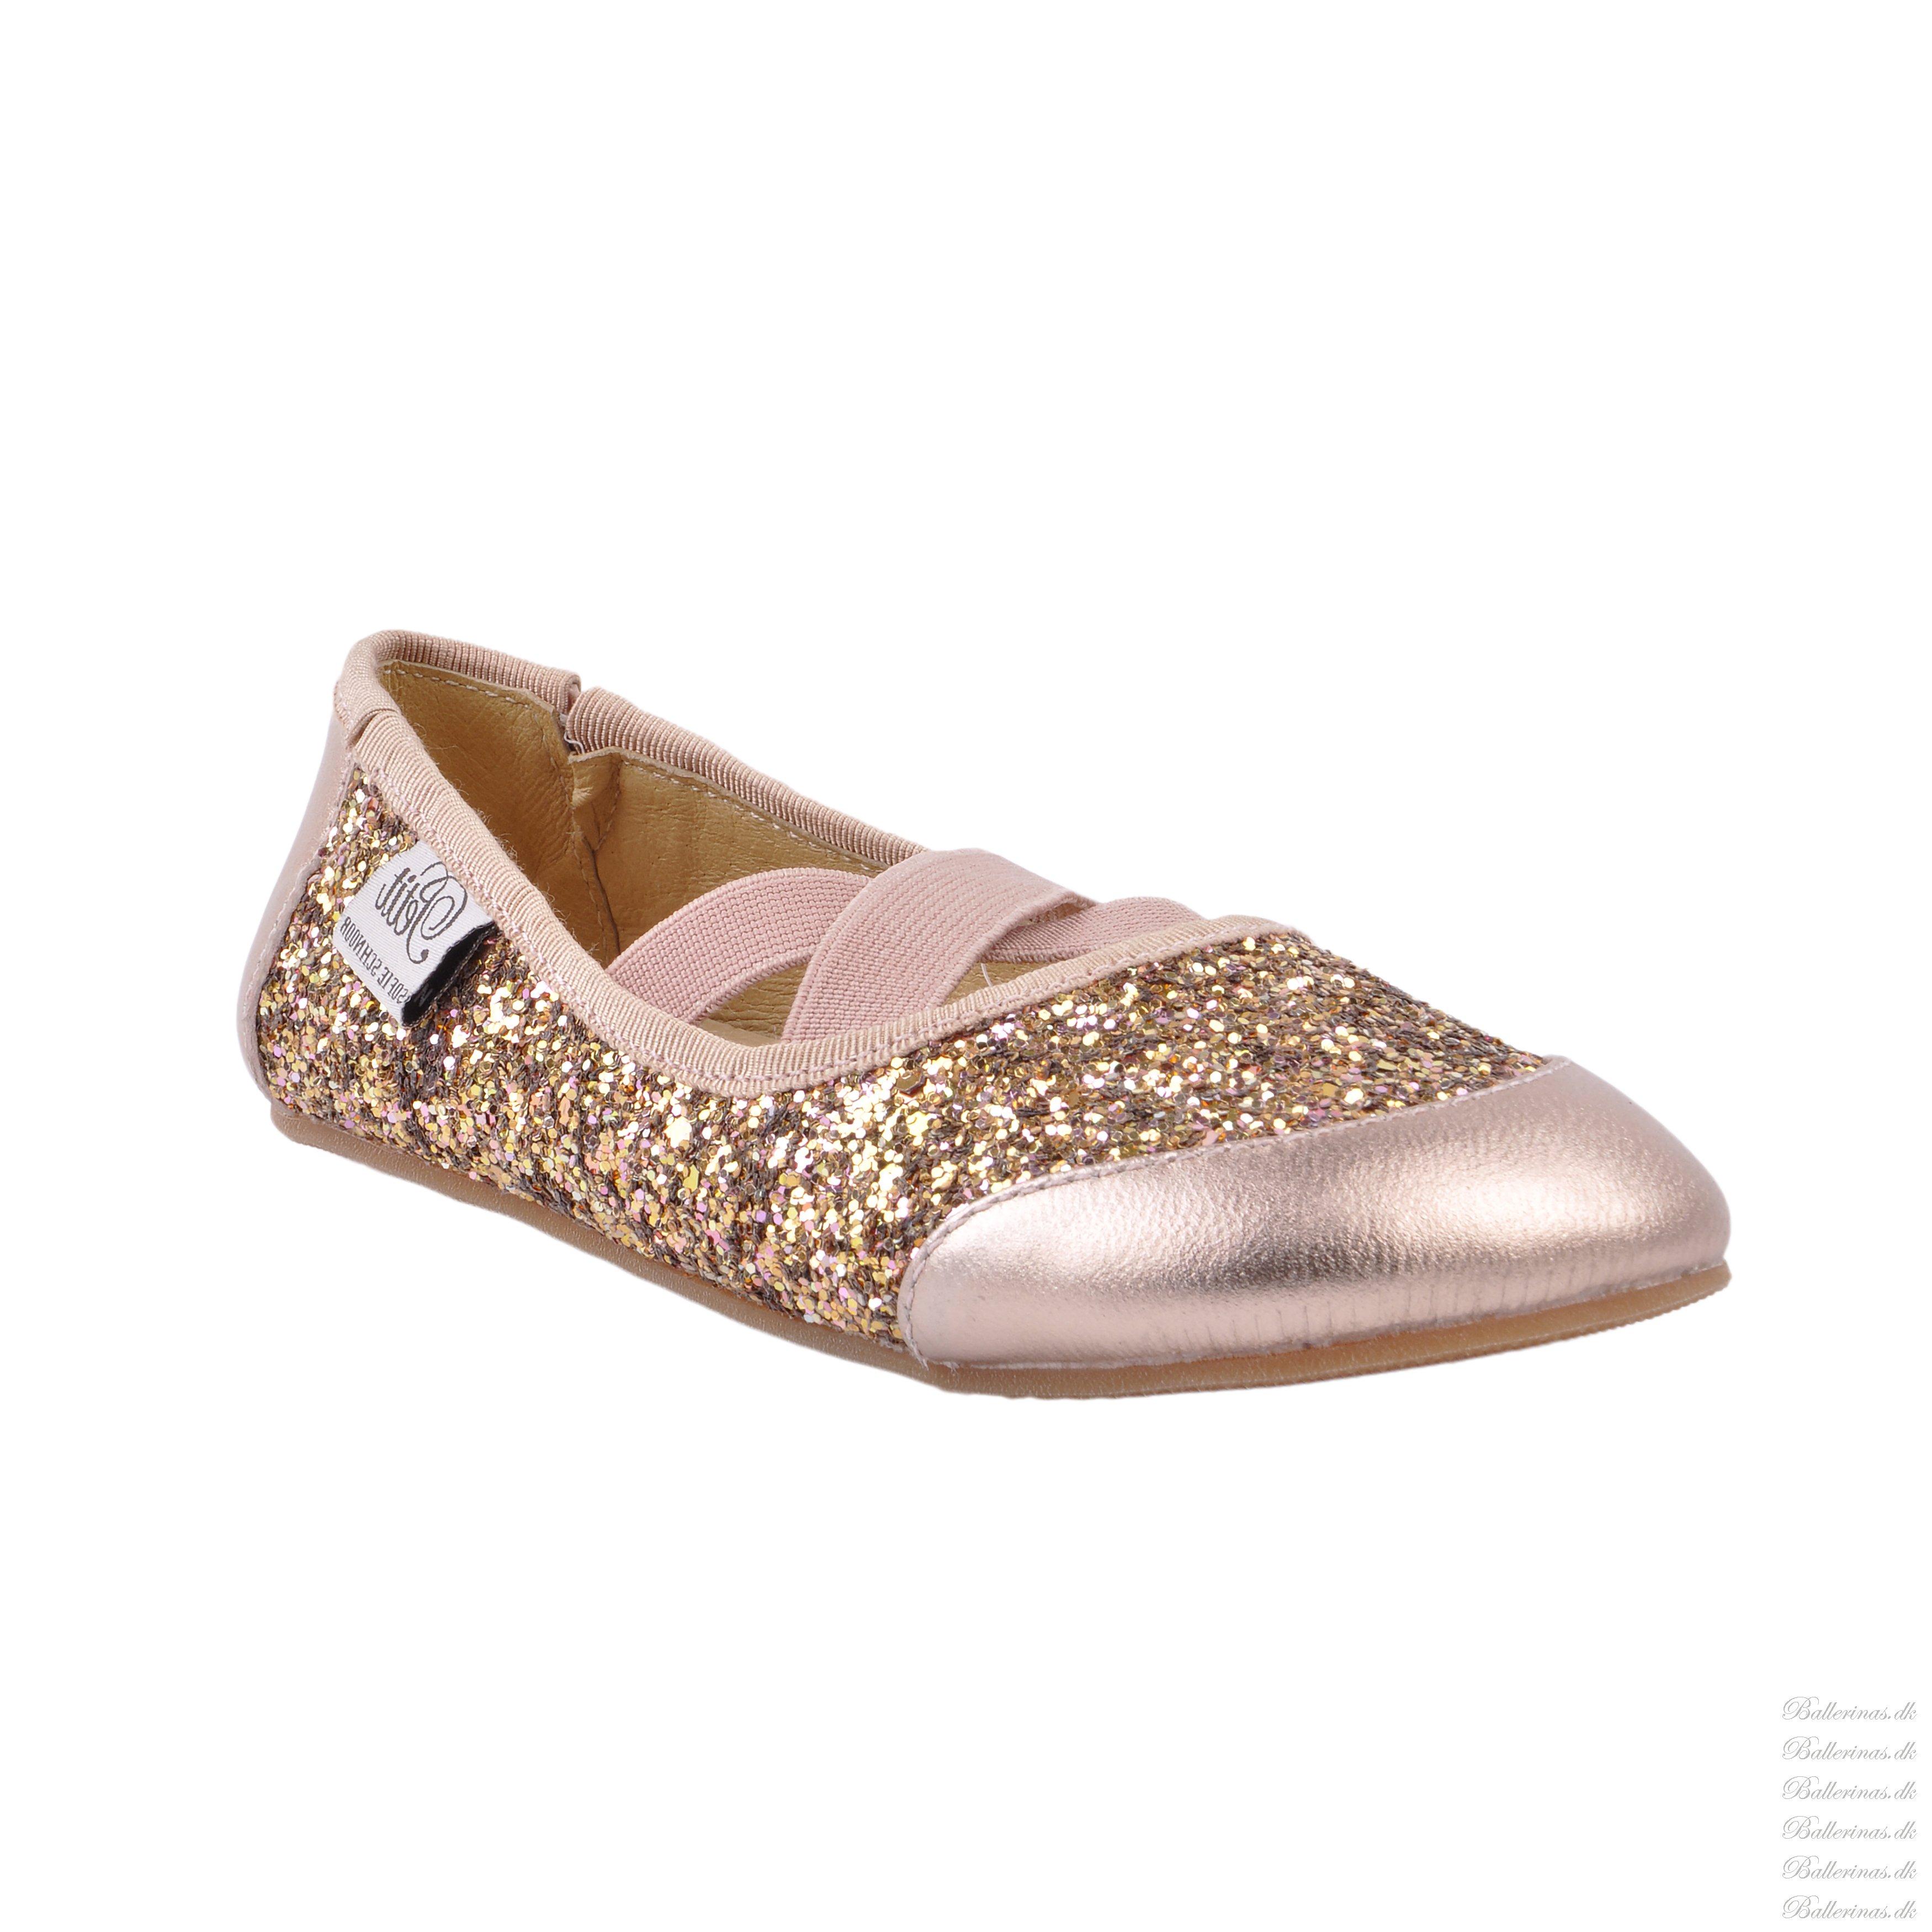 455018e3e69a Sofie Schnoor P816C Ballerina Indesko Rosegold - Indesko - Blinkesko.dk